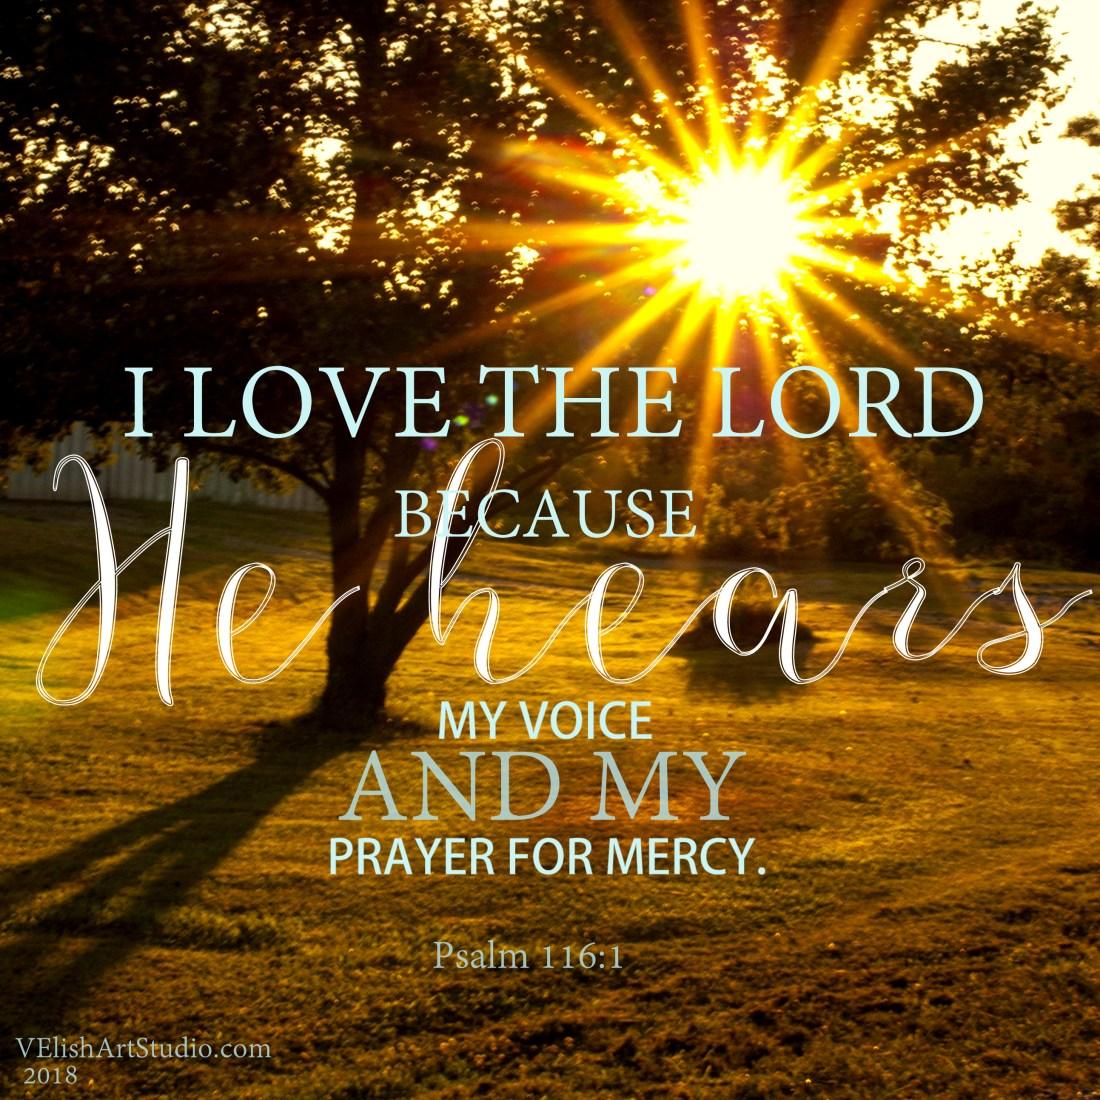 _IGP5393 Psalm 116.1 10x10